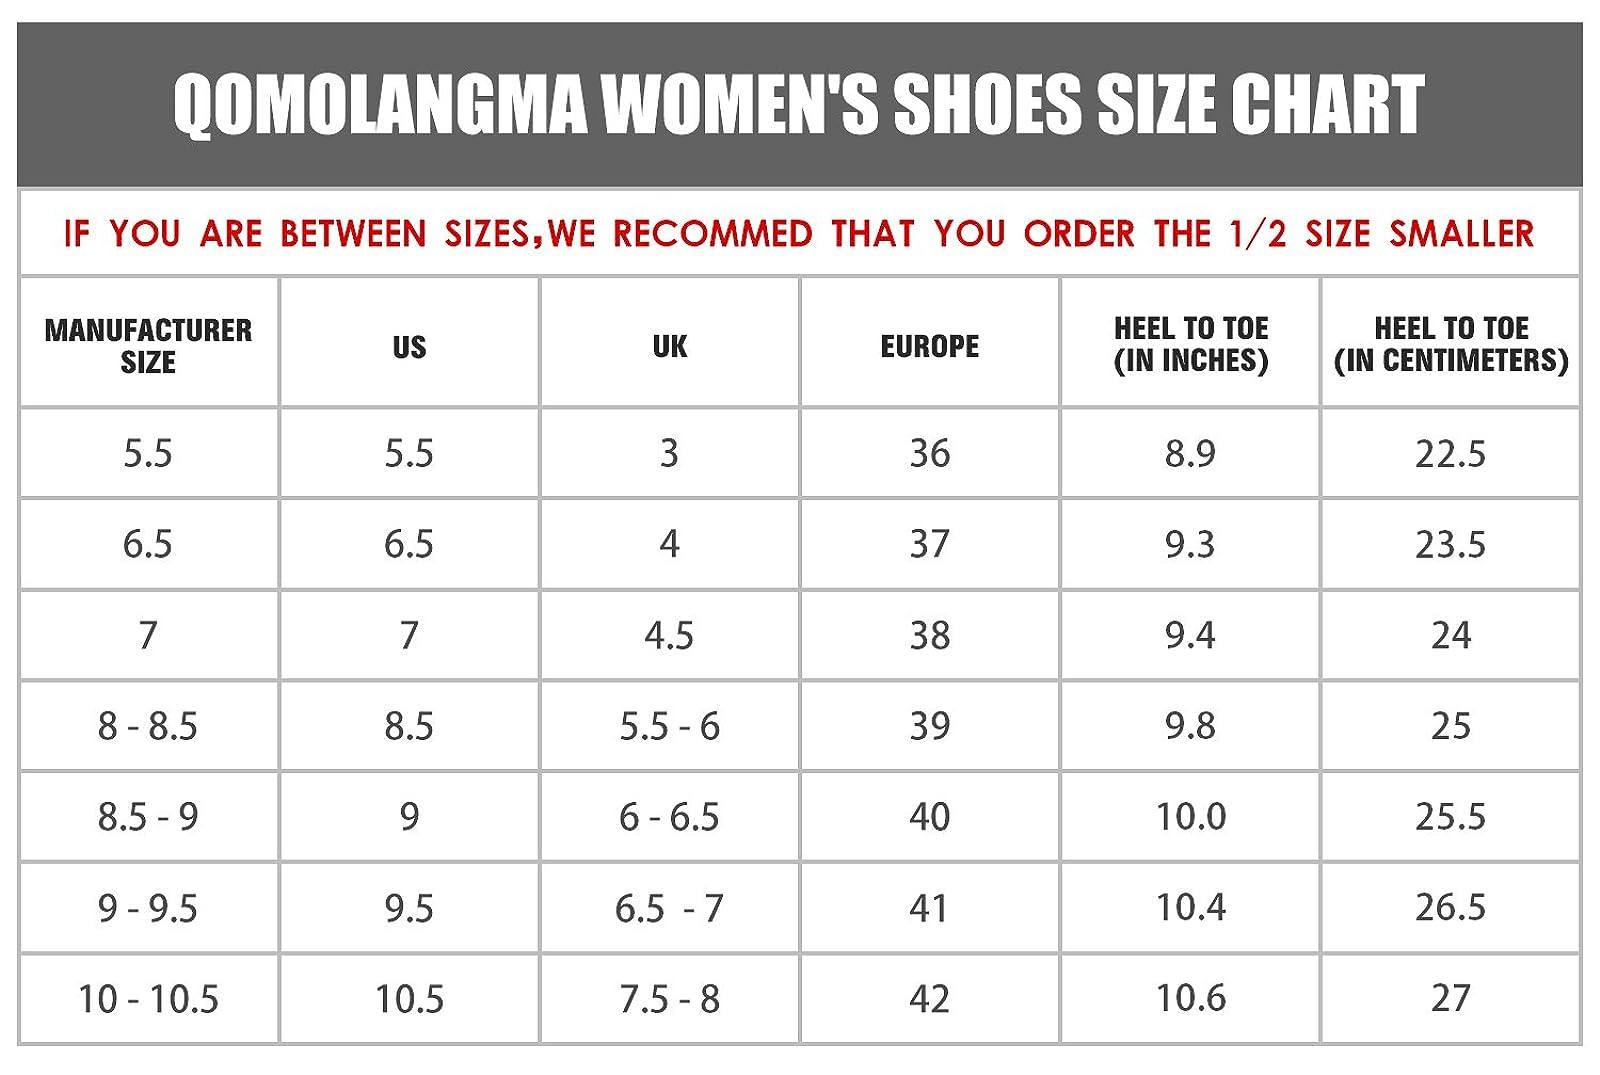 QOMOLANGMA Women's Waterproof Wide Hiking Shoes W91501 - 5